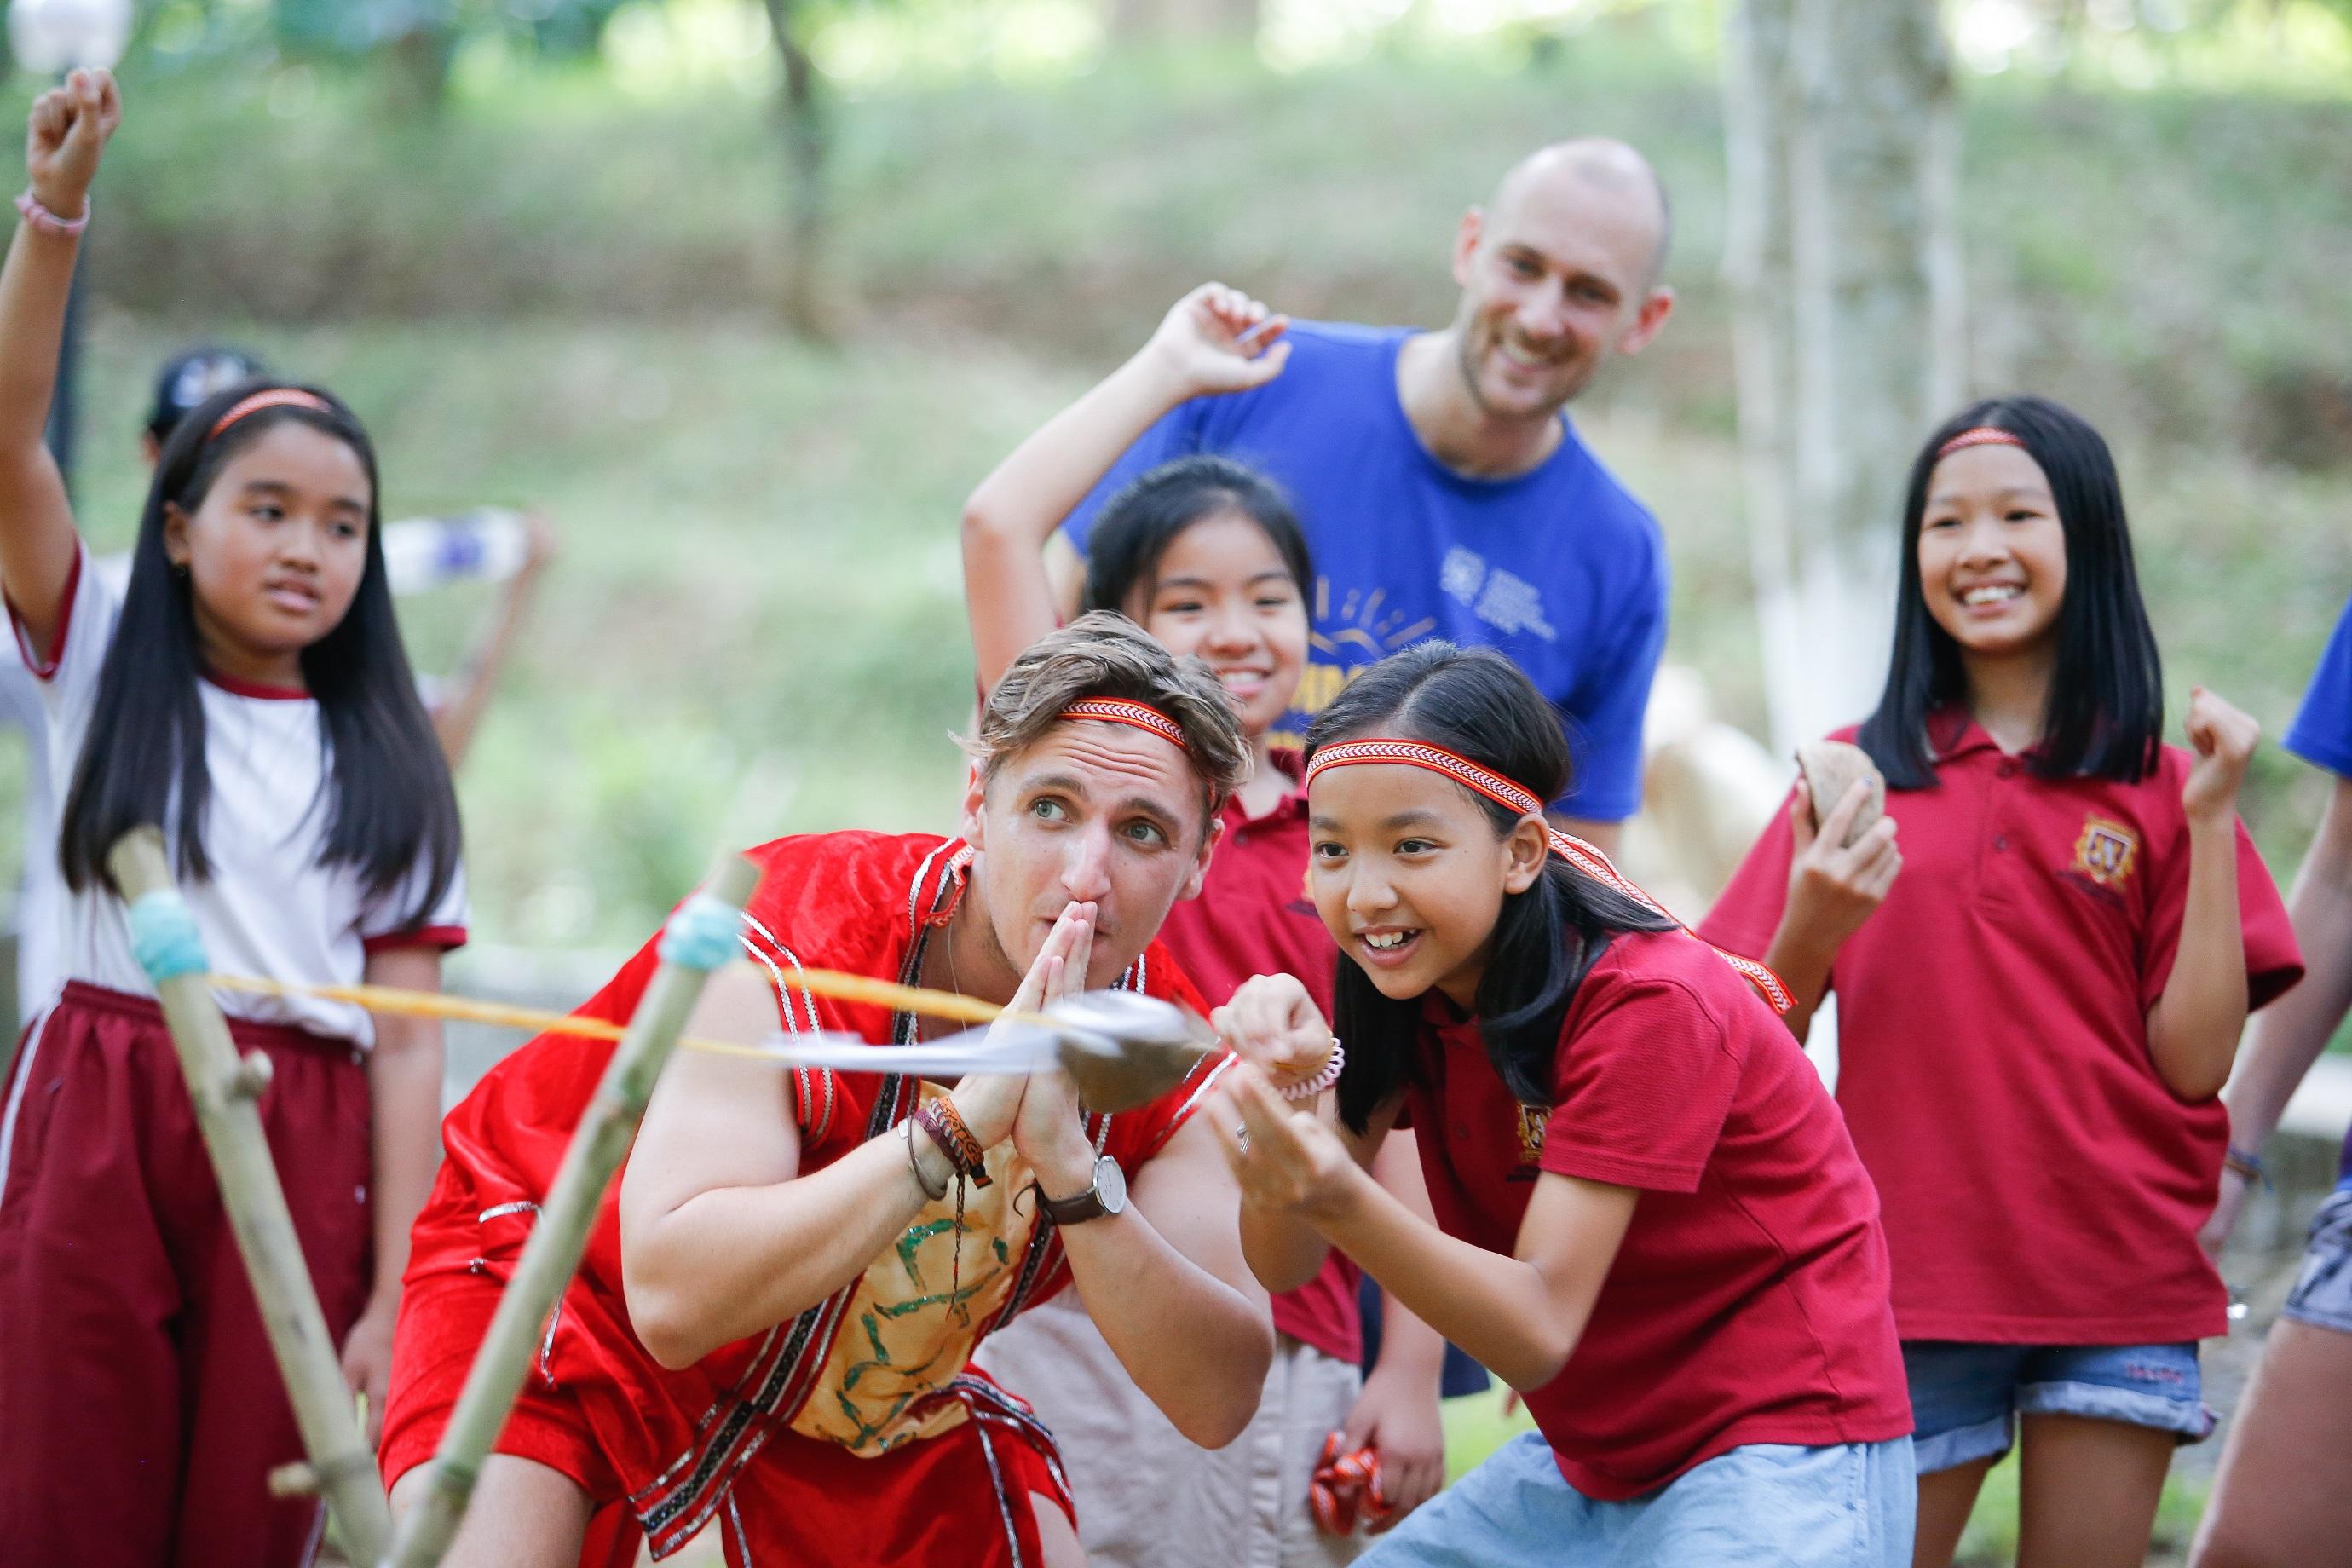 Hãy tạo cho trẻ một mùa hè rực rỡ sau những tháng ngày học tập căng thẳng.